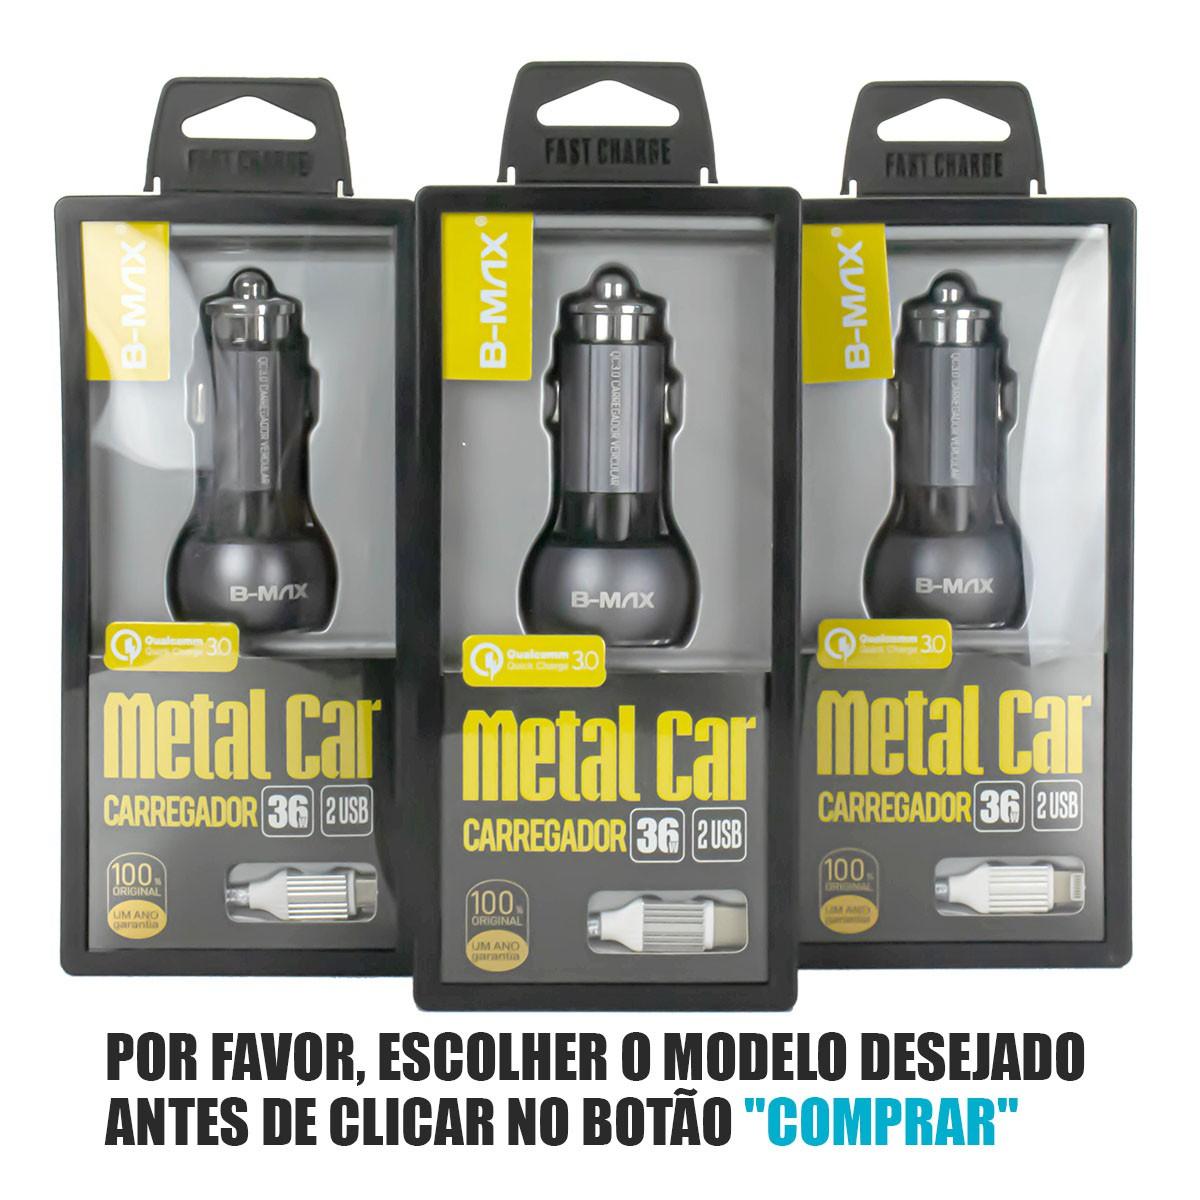 KIT Suporte Universal com Haste Flexível Exbom SP-T20 + Carregador Veicular Turbo 36W B-Max